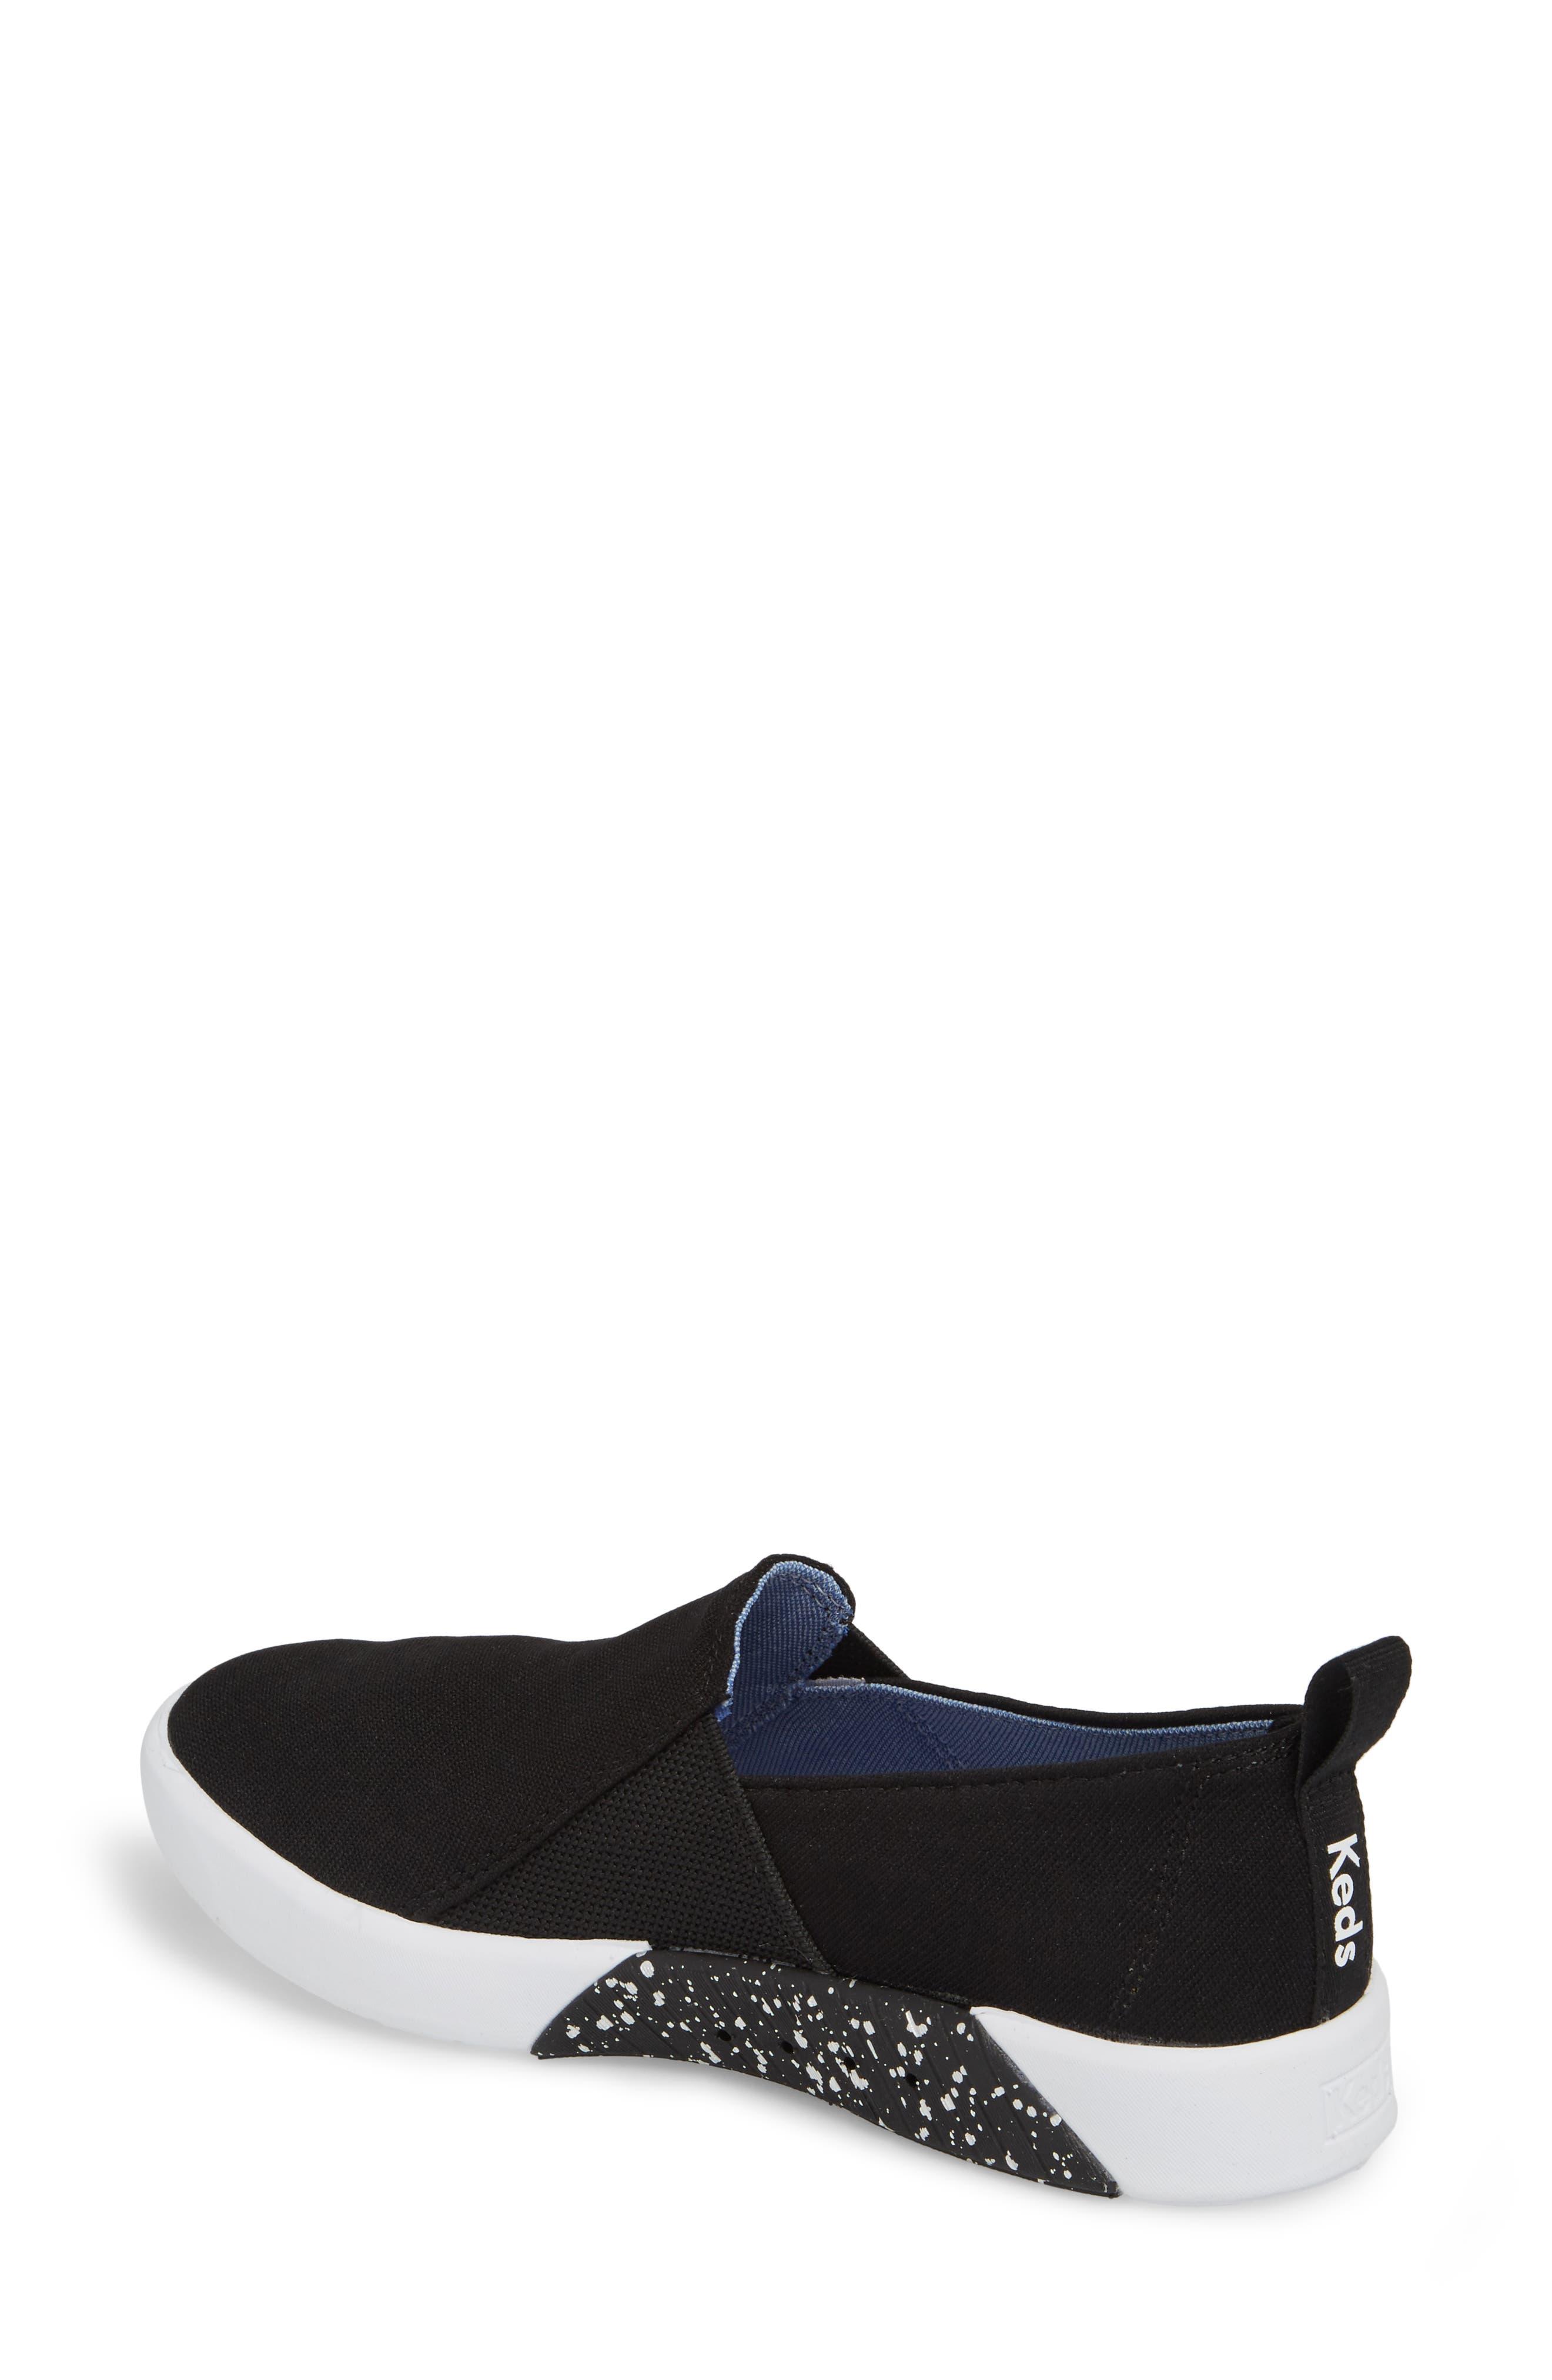 Studio Liv Jersey Slip-On Sneaker,                             Alternate thumbnail 2, color,                             Black